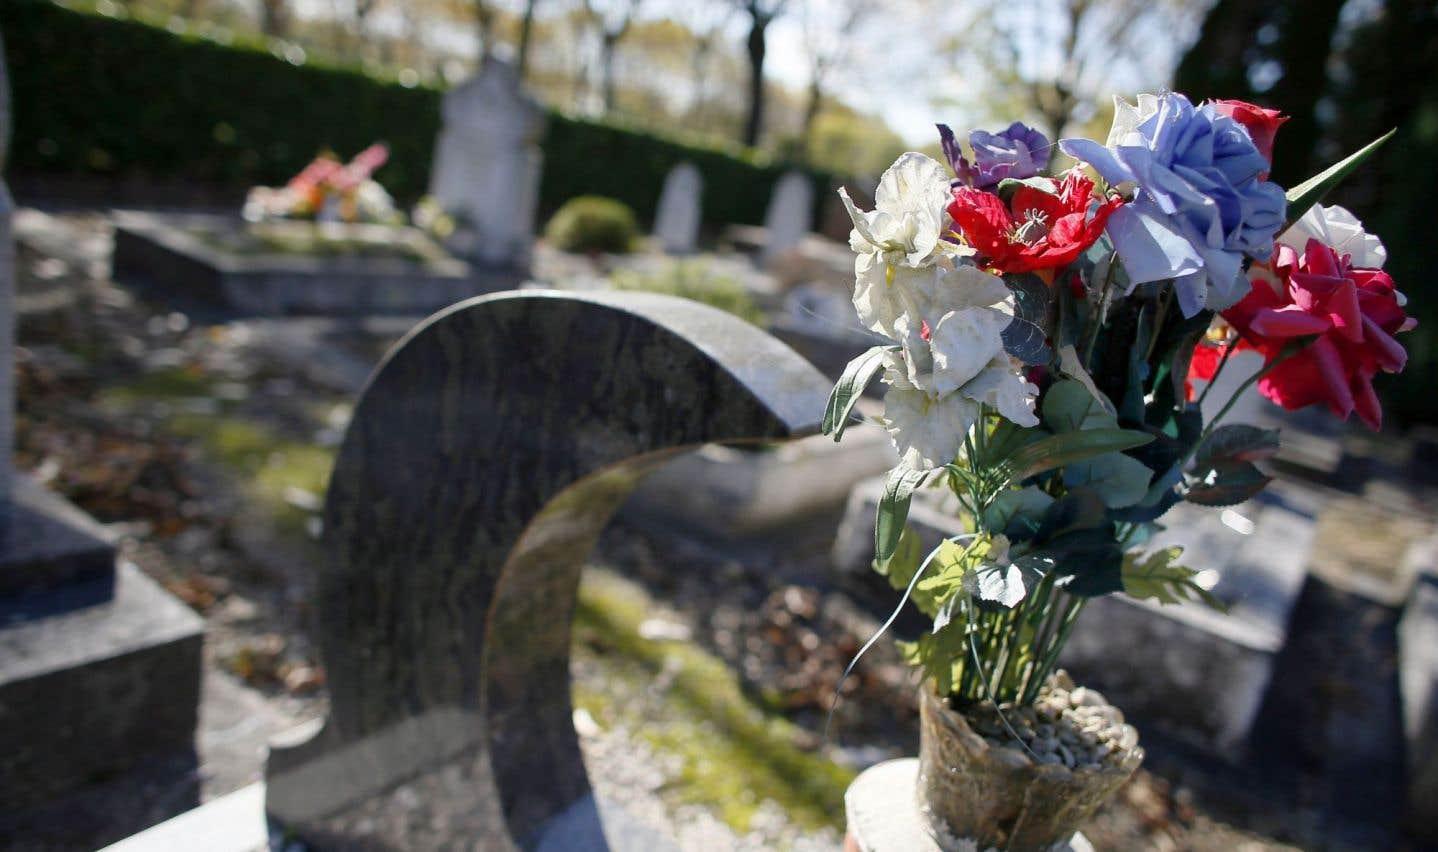 Le Québec ne fait pas figure d'exception quant aux cimetières musulmans